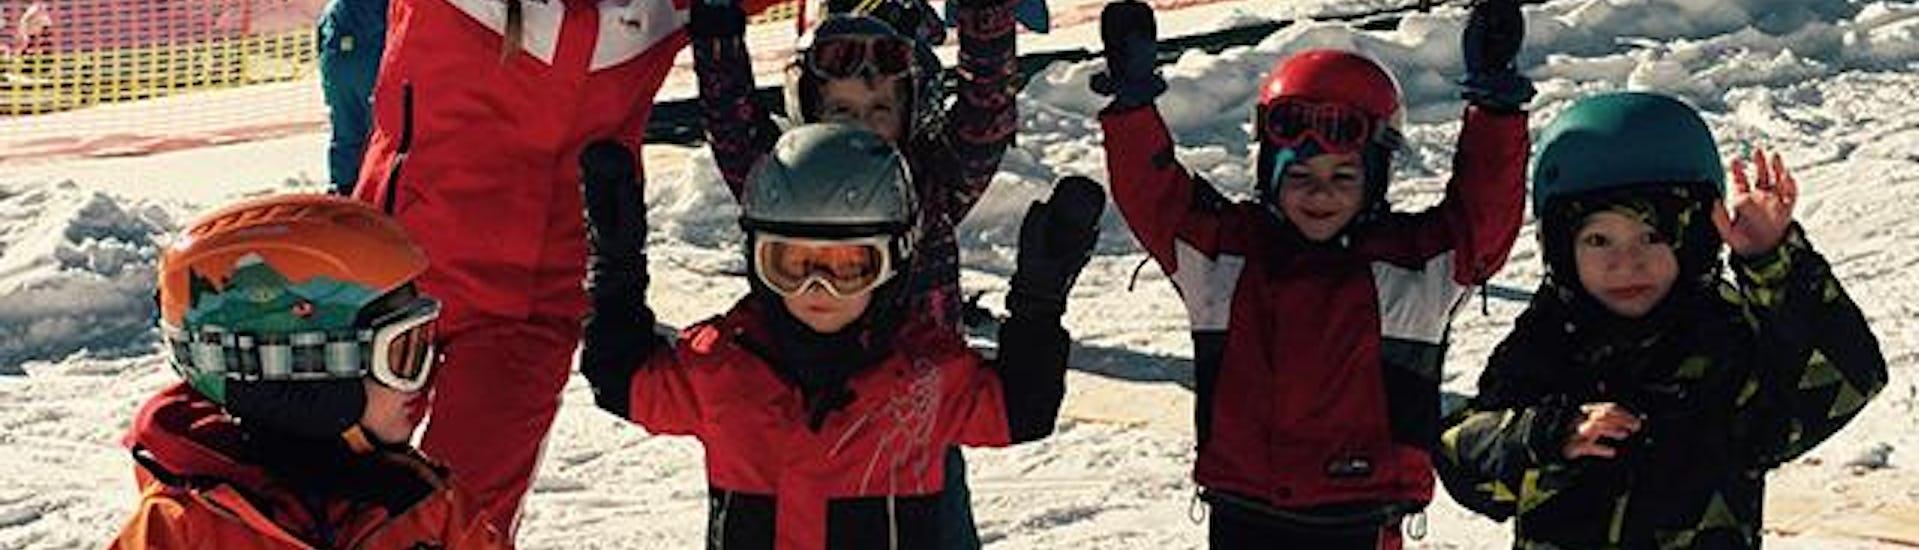 """Skikurs """"Ganztags"""" für Kinder (3-14 Jahre) - Alle Levels"""